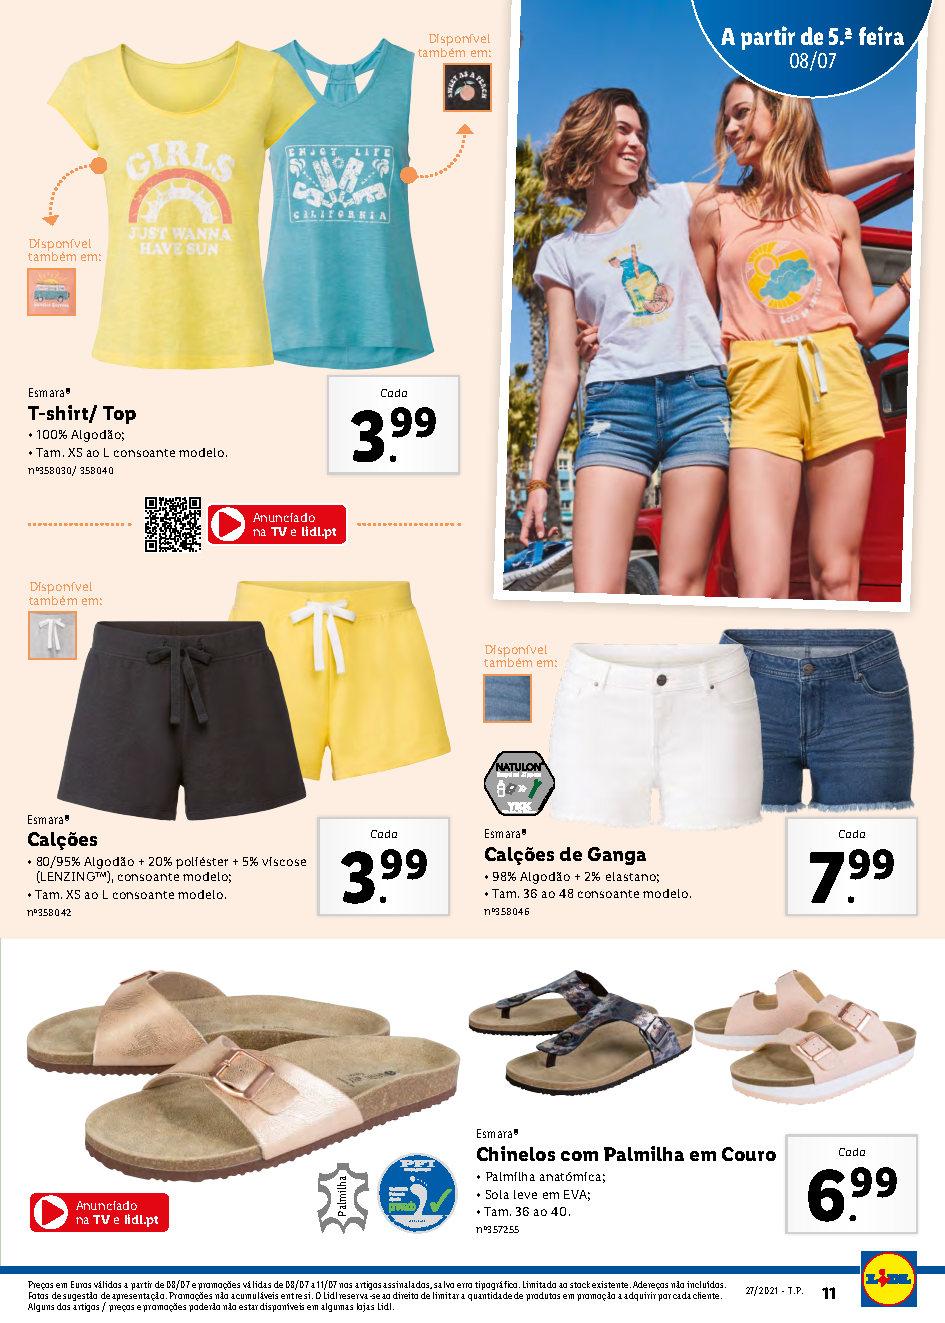 bazar folheto lidl 5 julho 11 julho bazar 2021 promocoes Page11 1